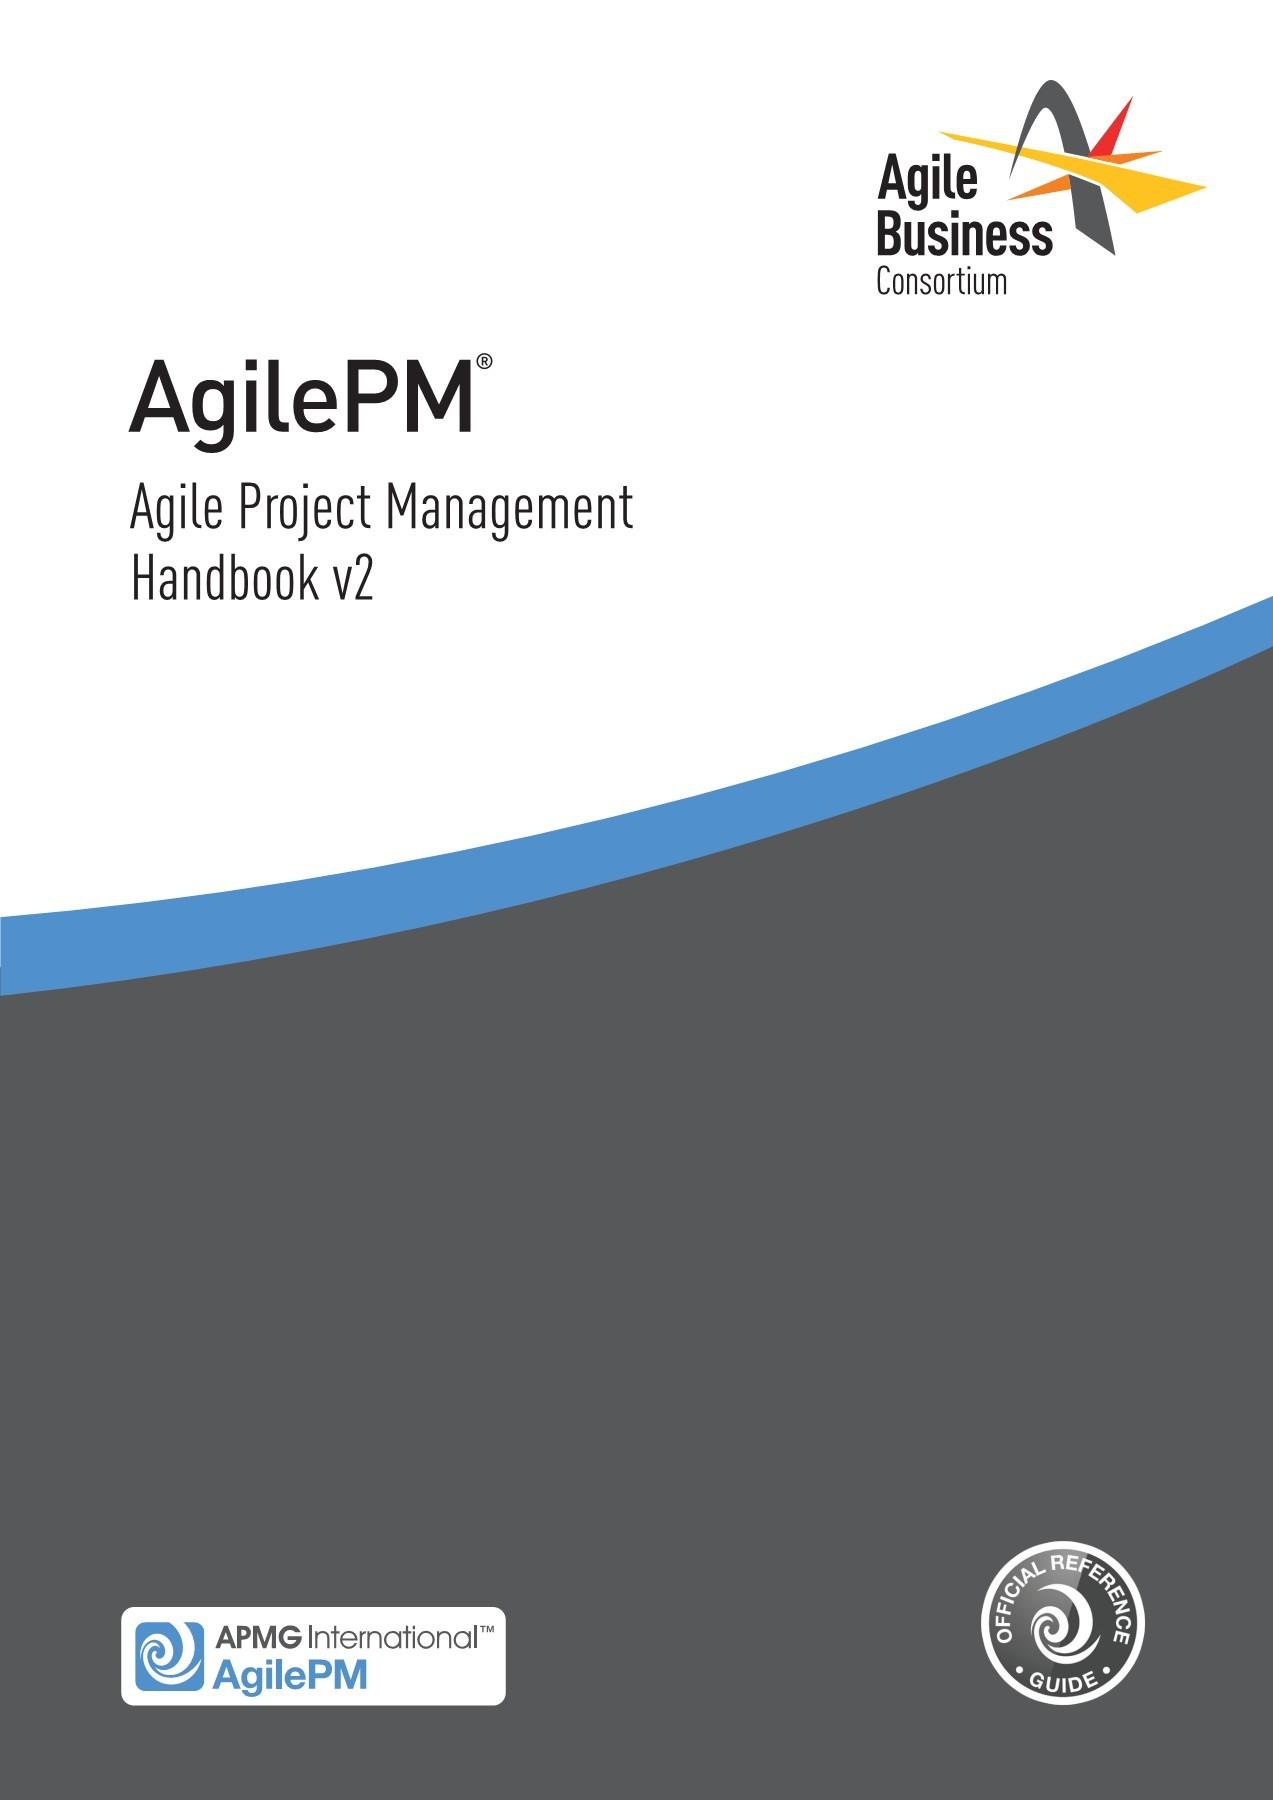 Agilepm Agile Business Consortium